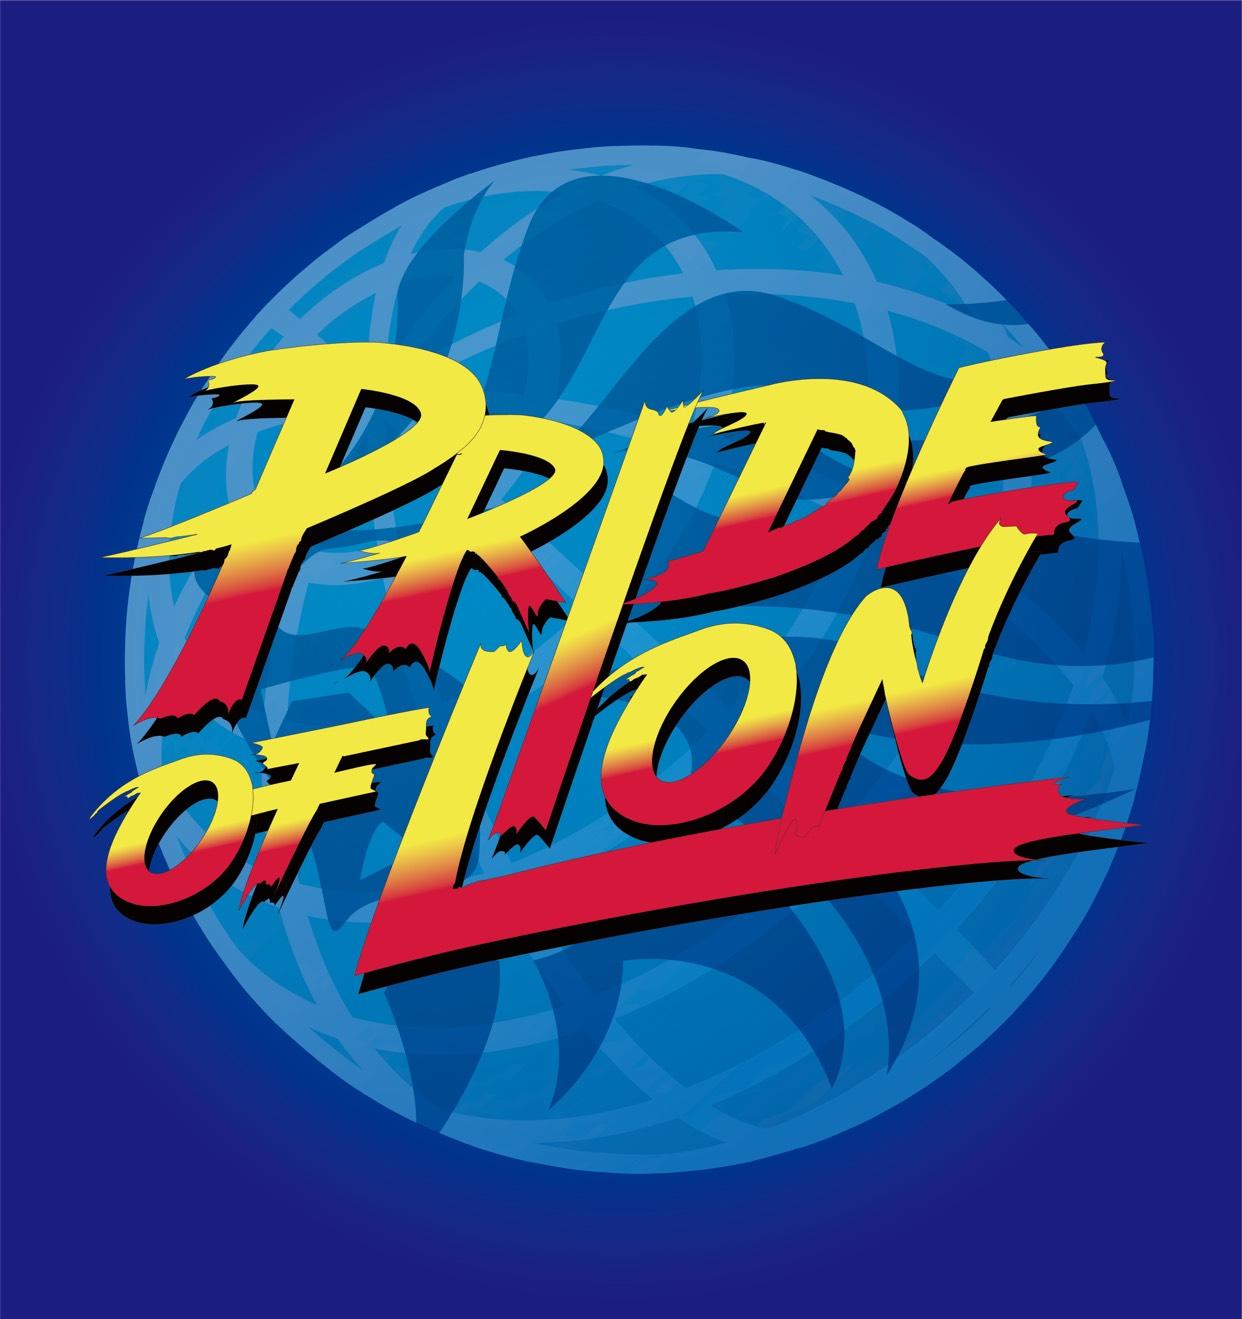 【ネットサイン会】6/23(水)開催 「PRIDE OF LION 〜浜松窓枠 編 ~」 6/19(土)公演分 ーネットサイン会ー(生配信)